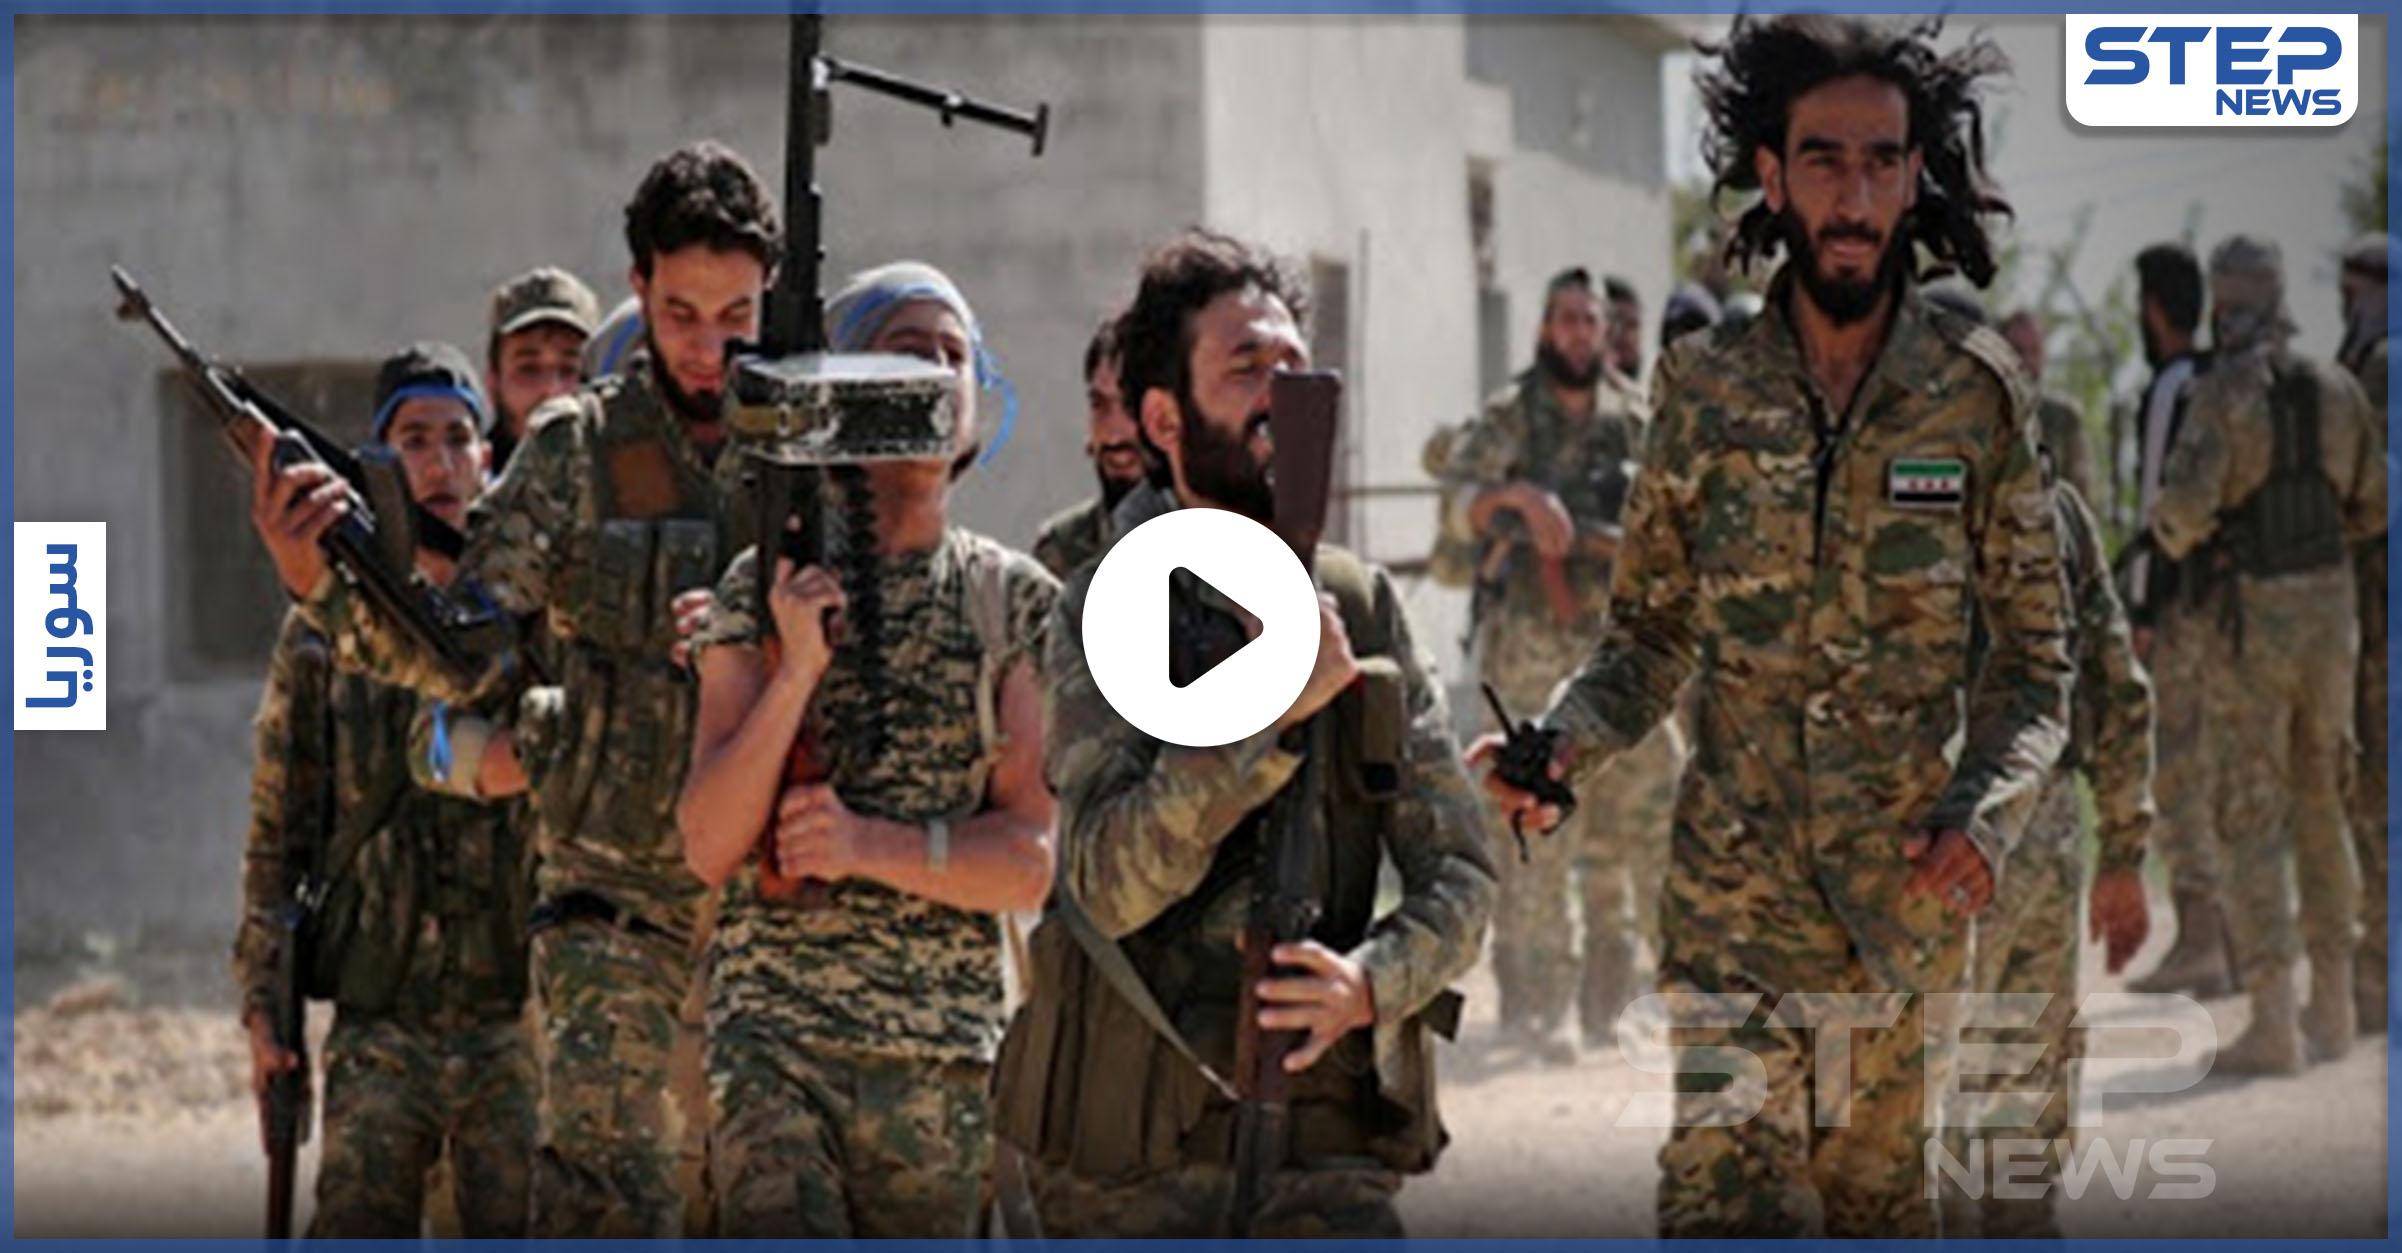 """دفعات جديدة من مخيمات النزوح كـ """"مرتزقة"""" إلى ليبيا"""